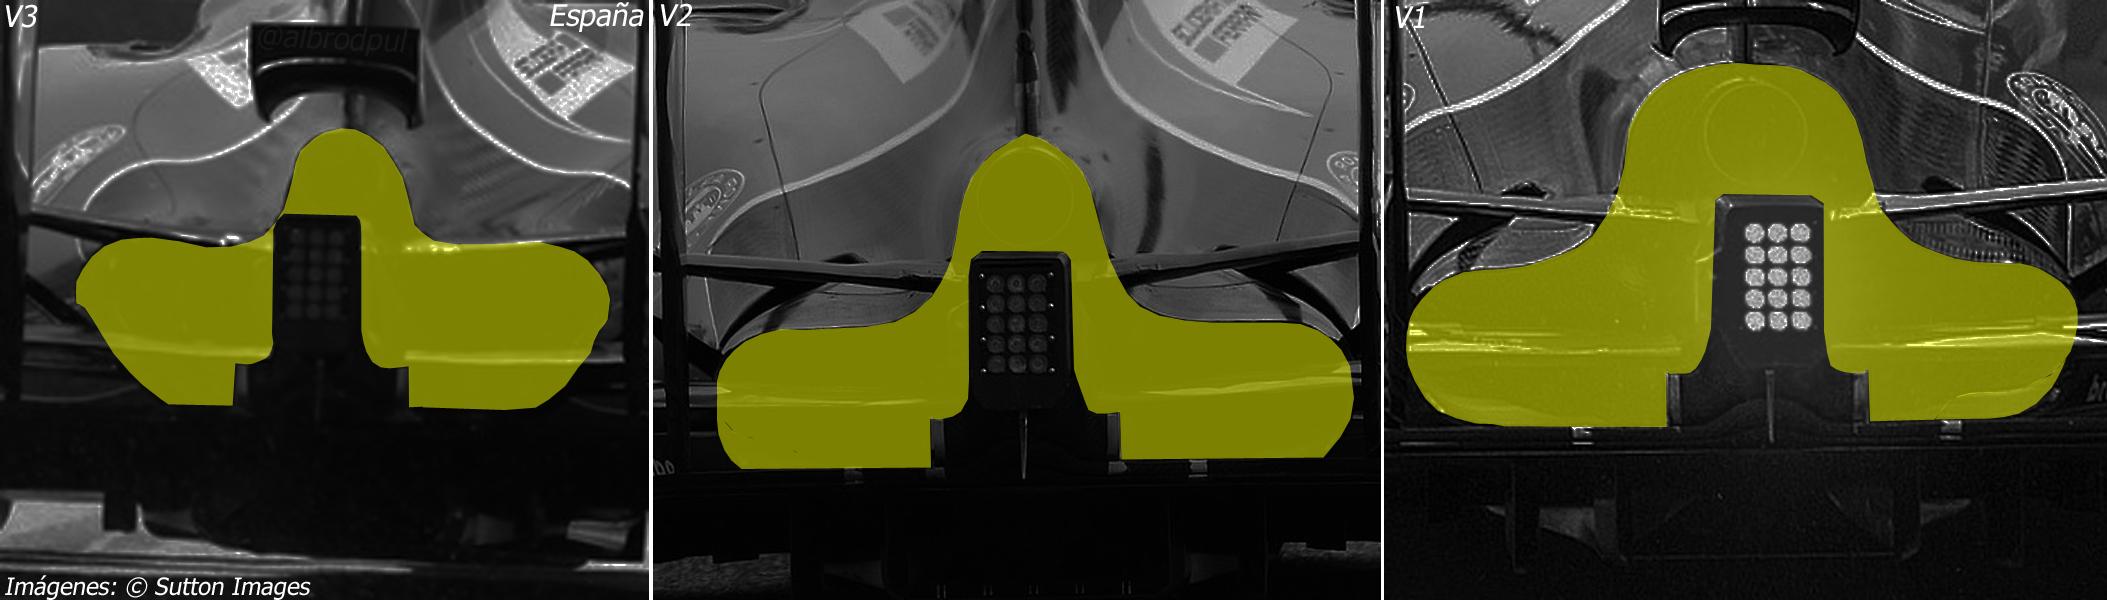 sf15-t-rear